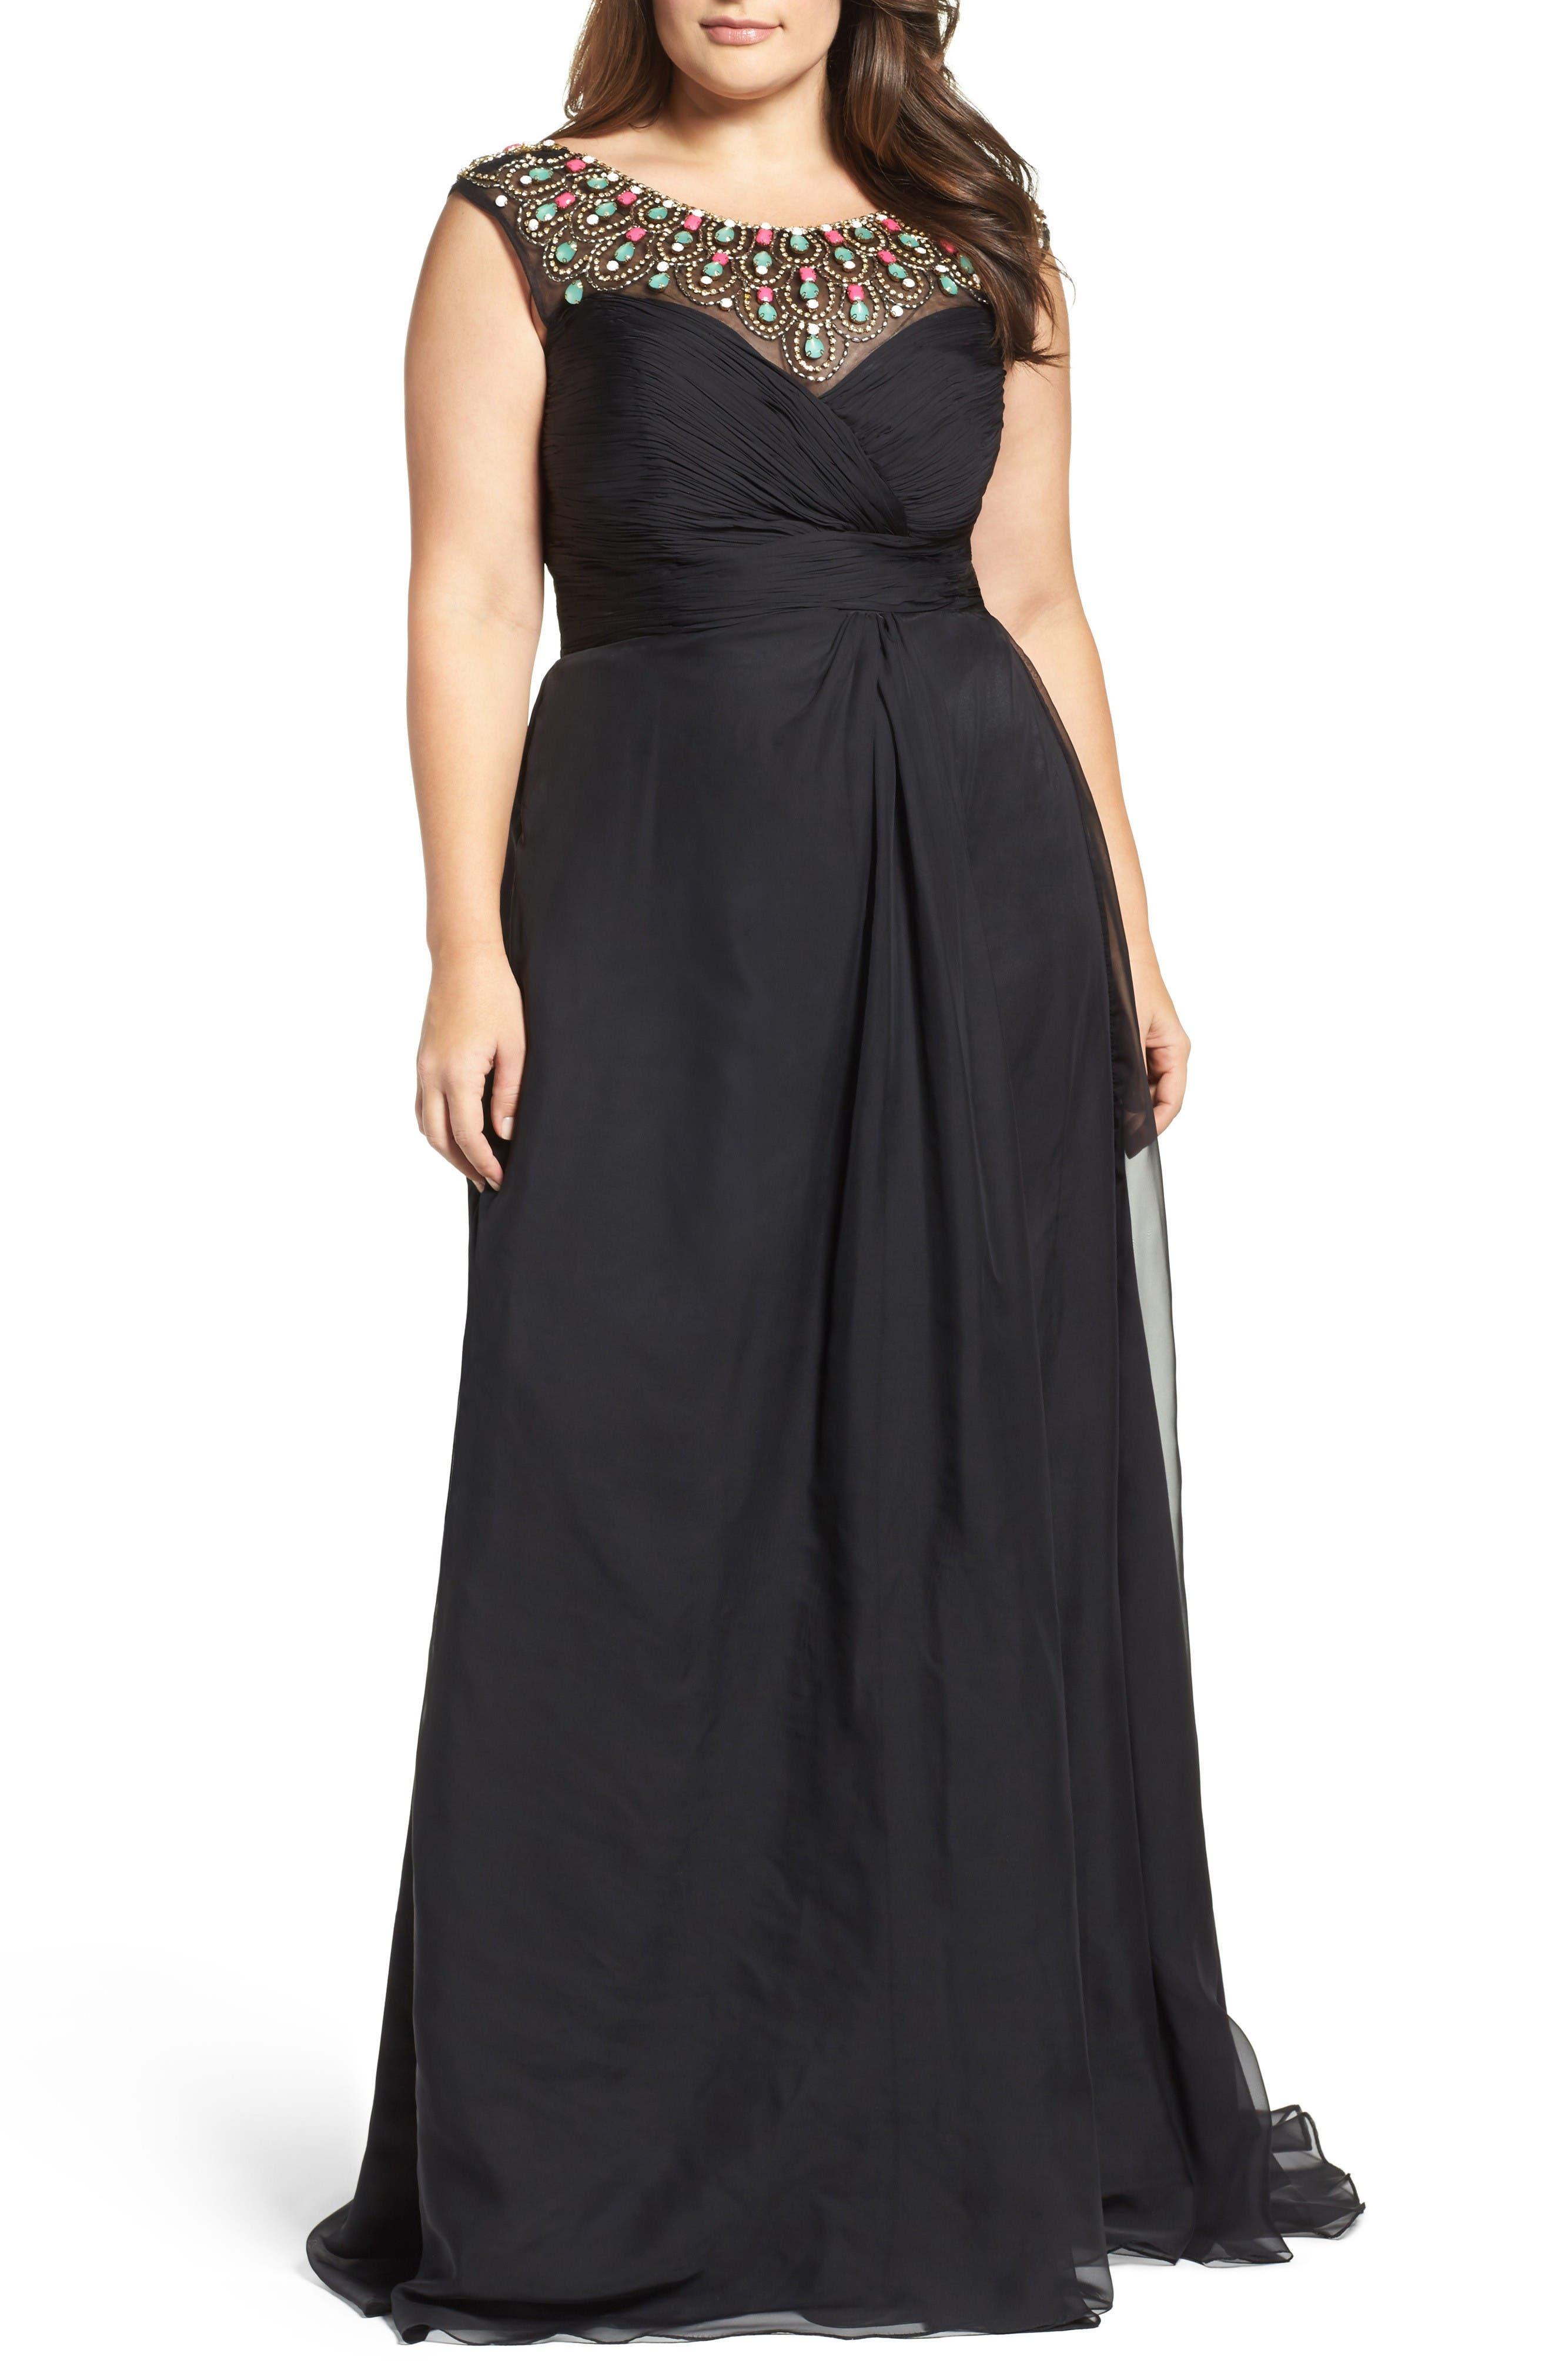 MAC DUGGAL Embellished Goddess Gown